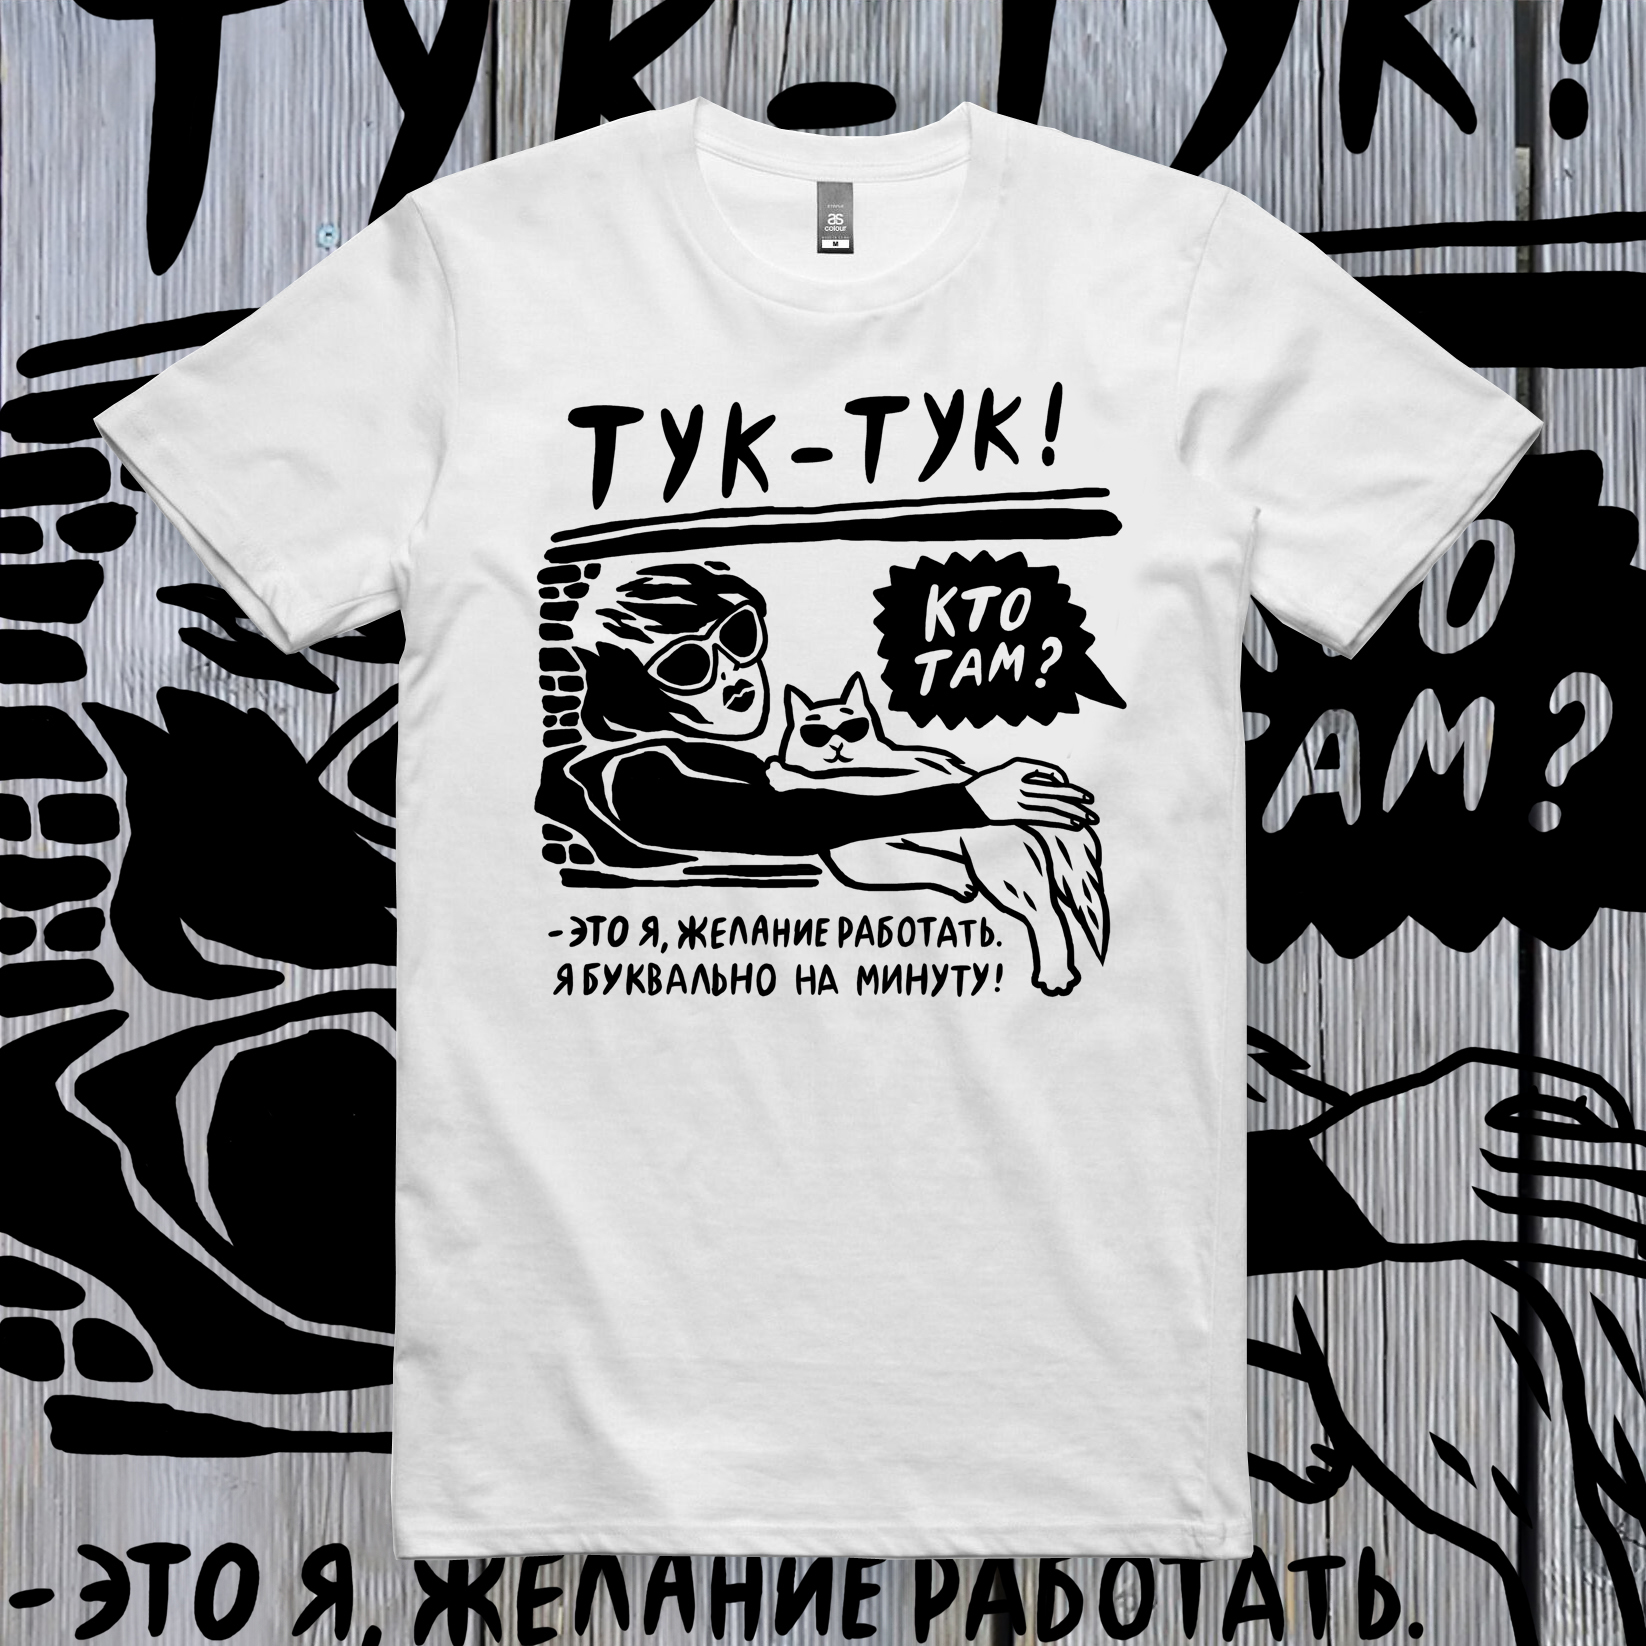 """Shirt """"Тук-тук"""" white 01025"""